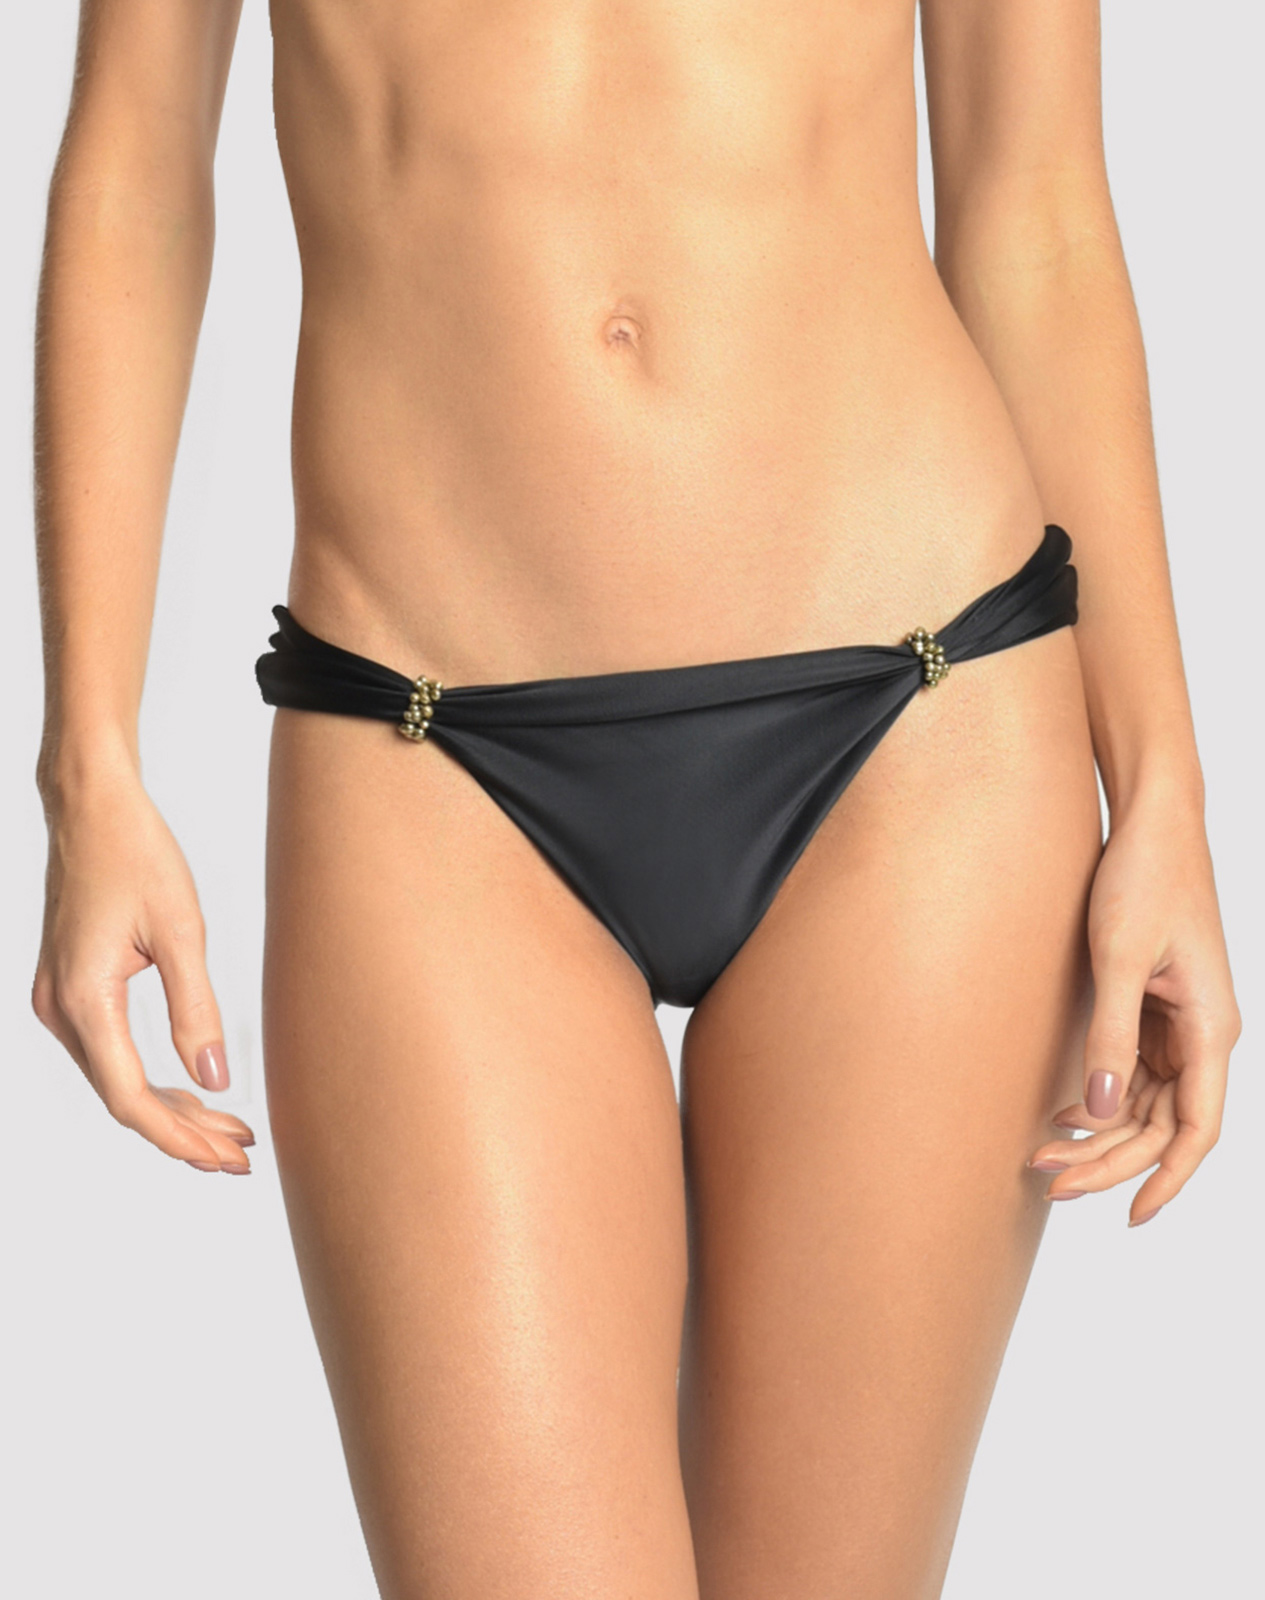 Irish pussy adjustable bikini bottom nude juggelette